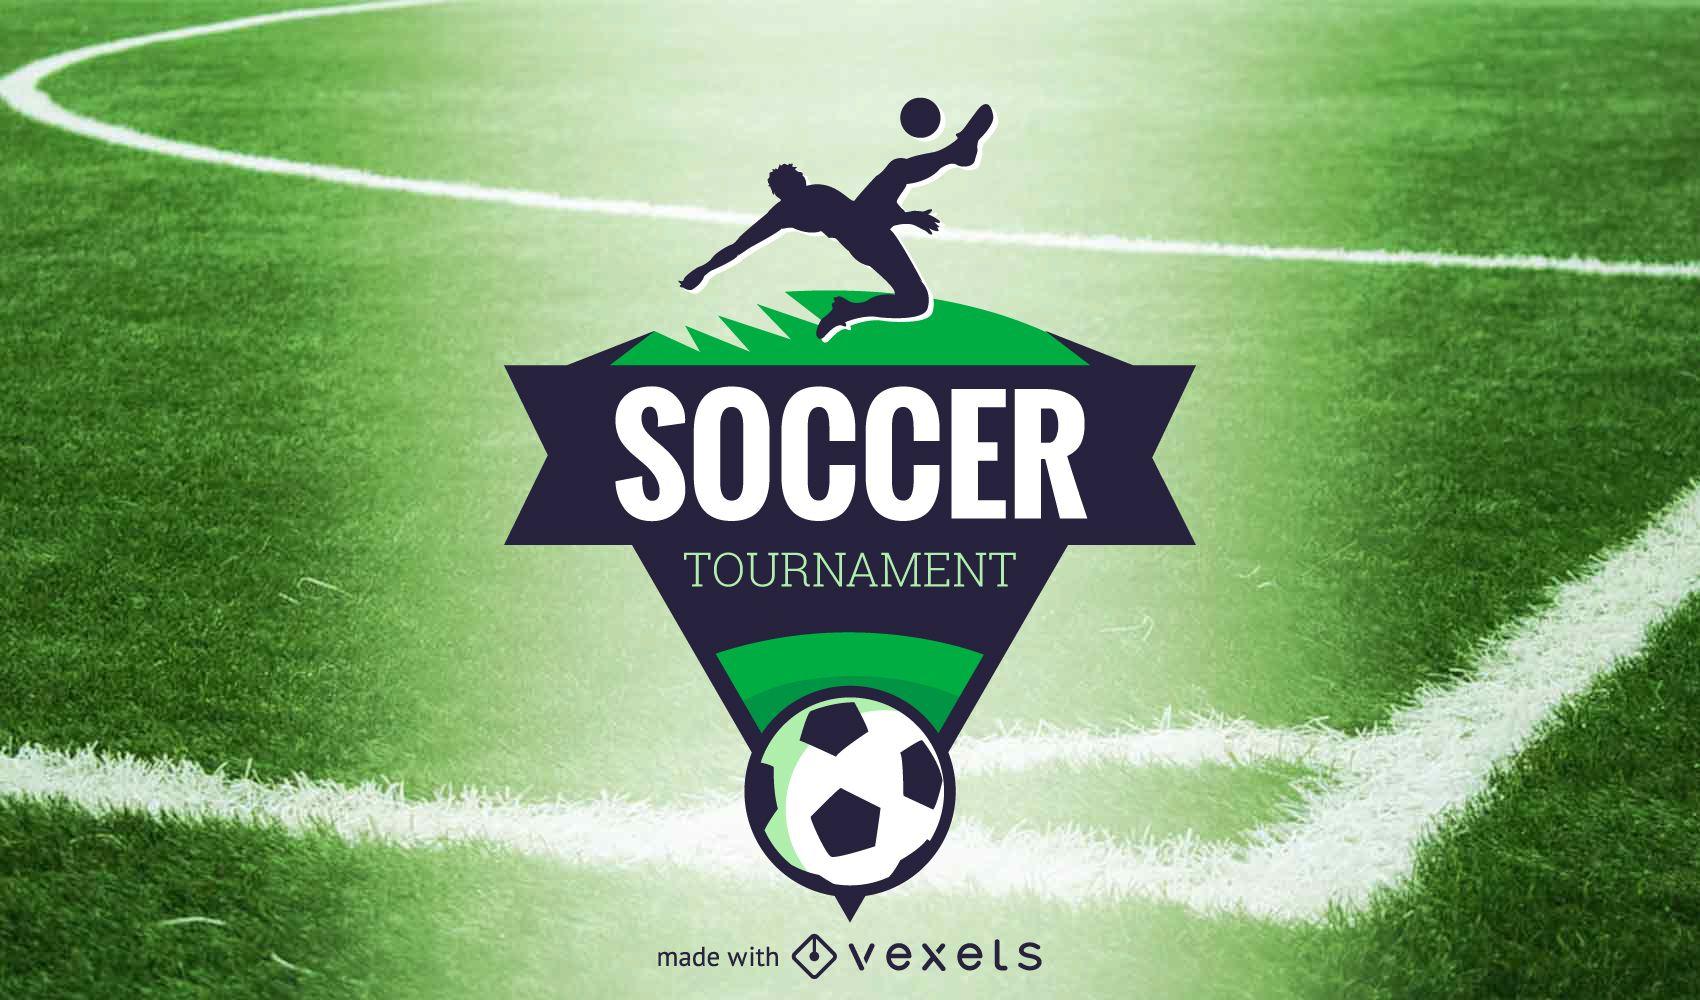 Rotuladora de logotipos de fútbol